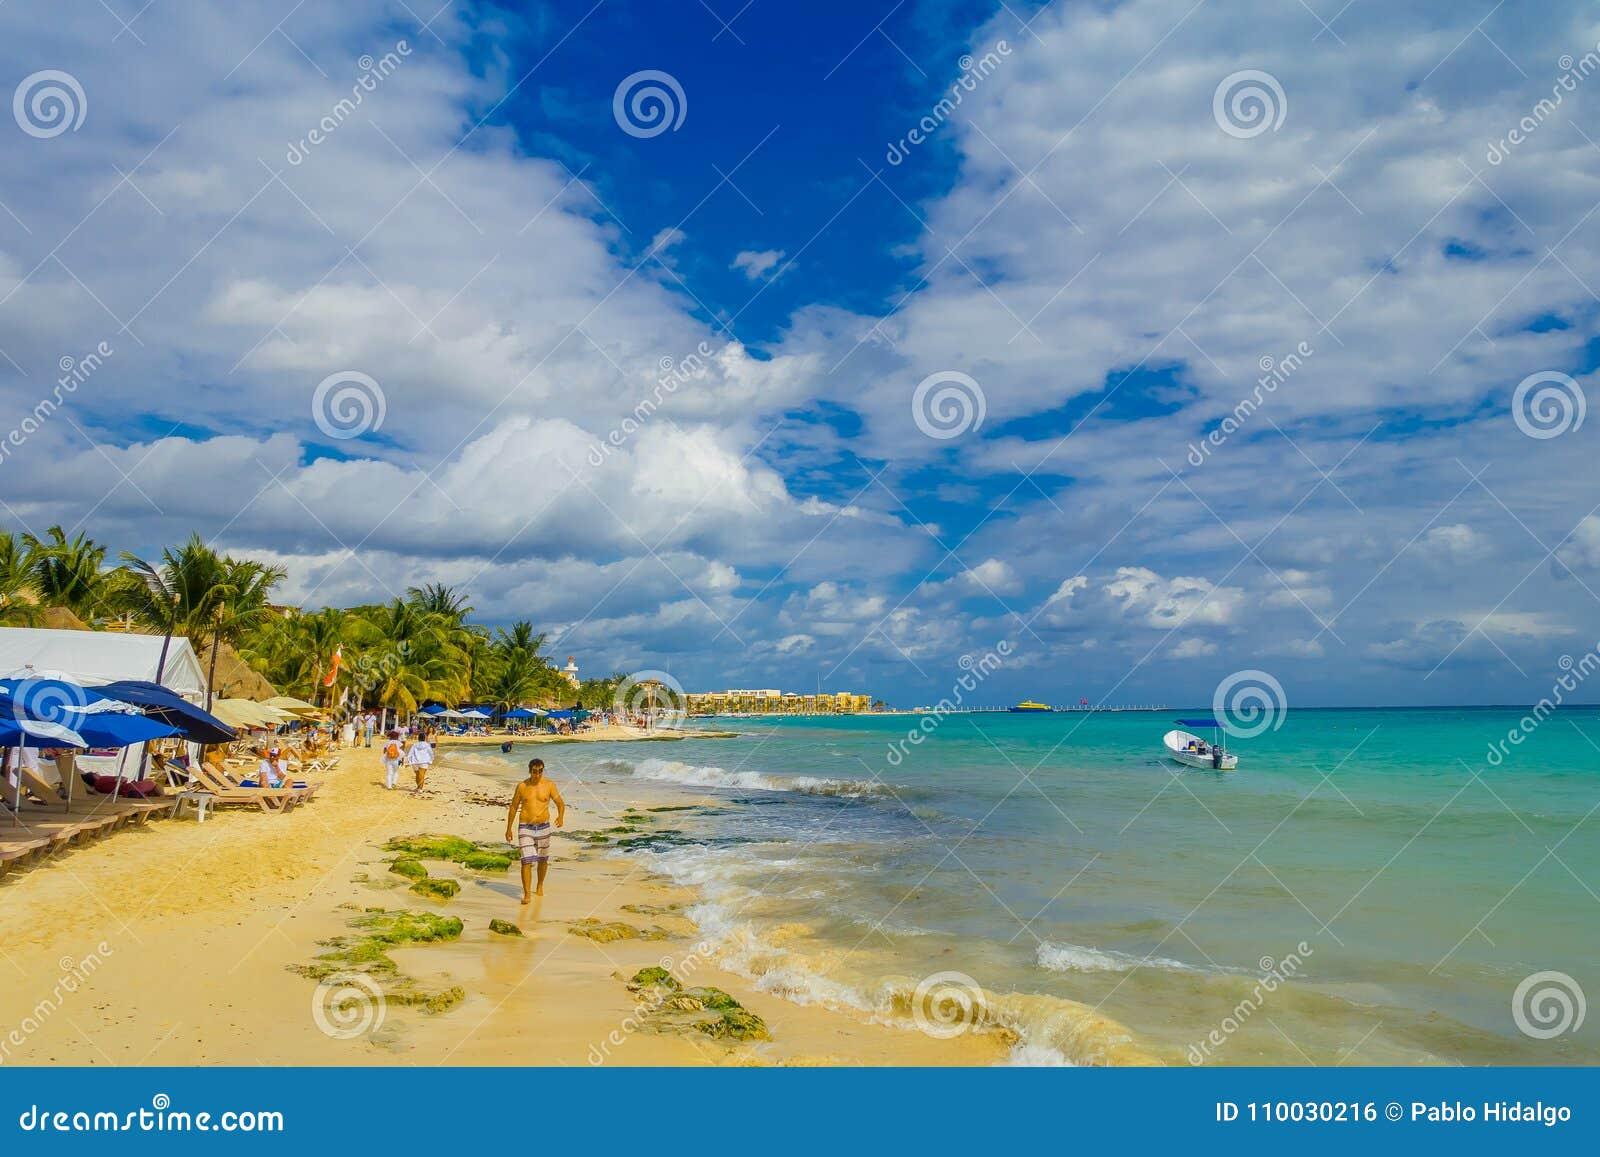 Playa del Carmen, Mexico - Januari 10, 2018: Niet geïdentificeerde mensen op het strand in Playa del Carmen bij zonsondergang met